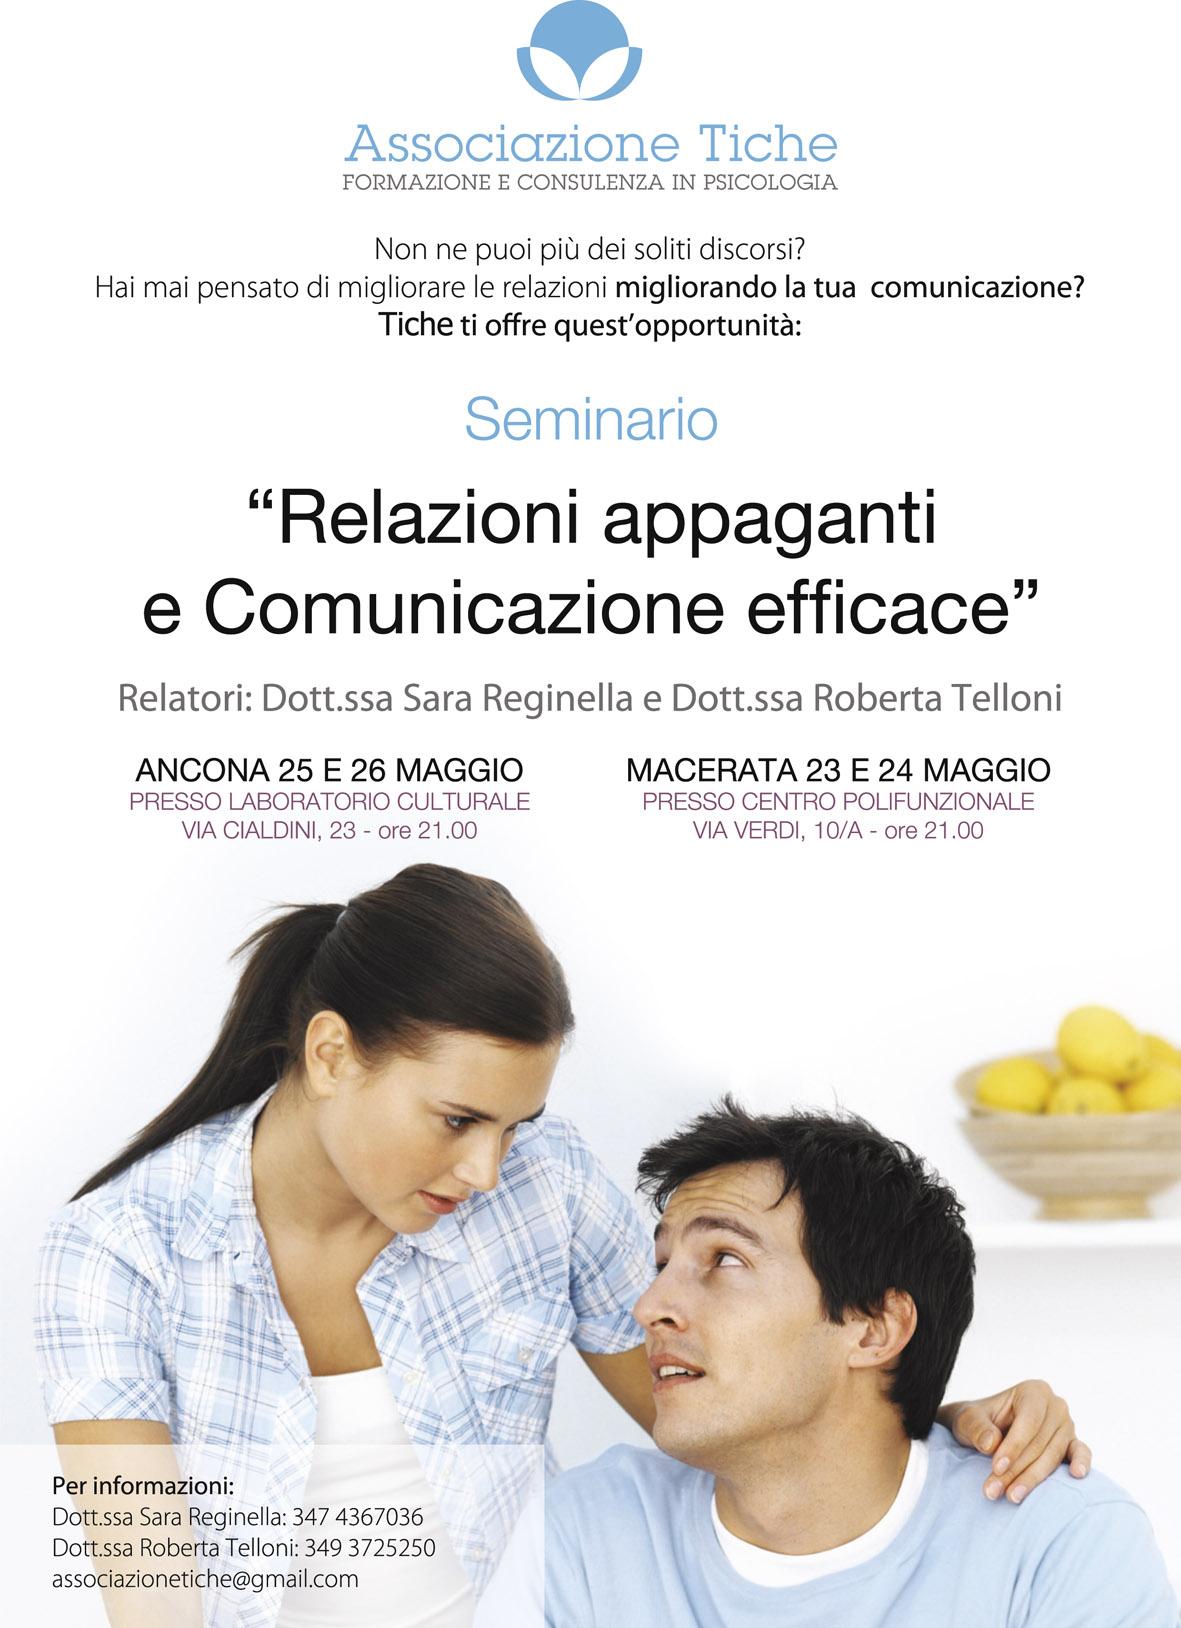 Relazioni appaganti e comunicazione efficace